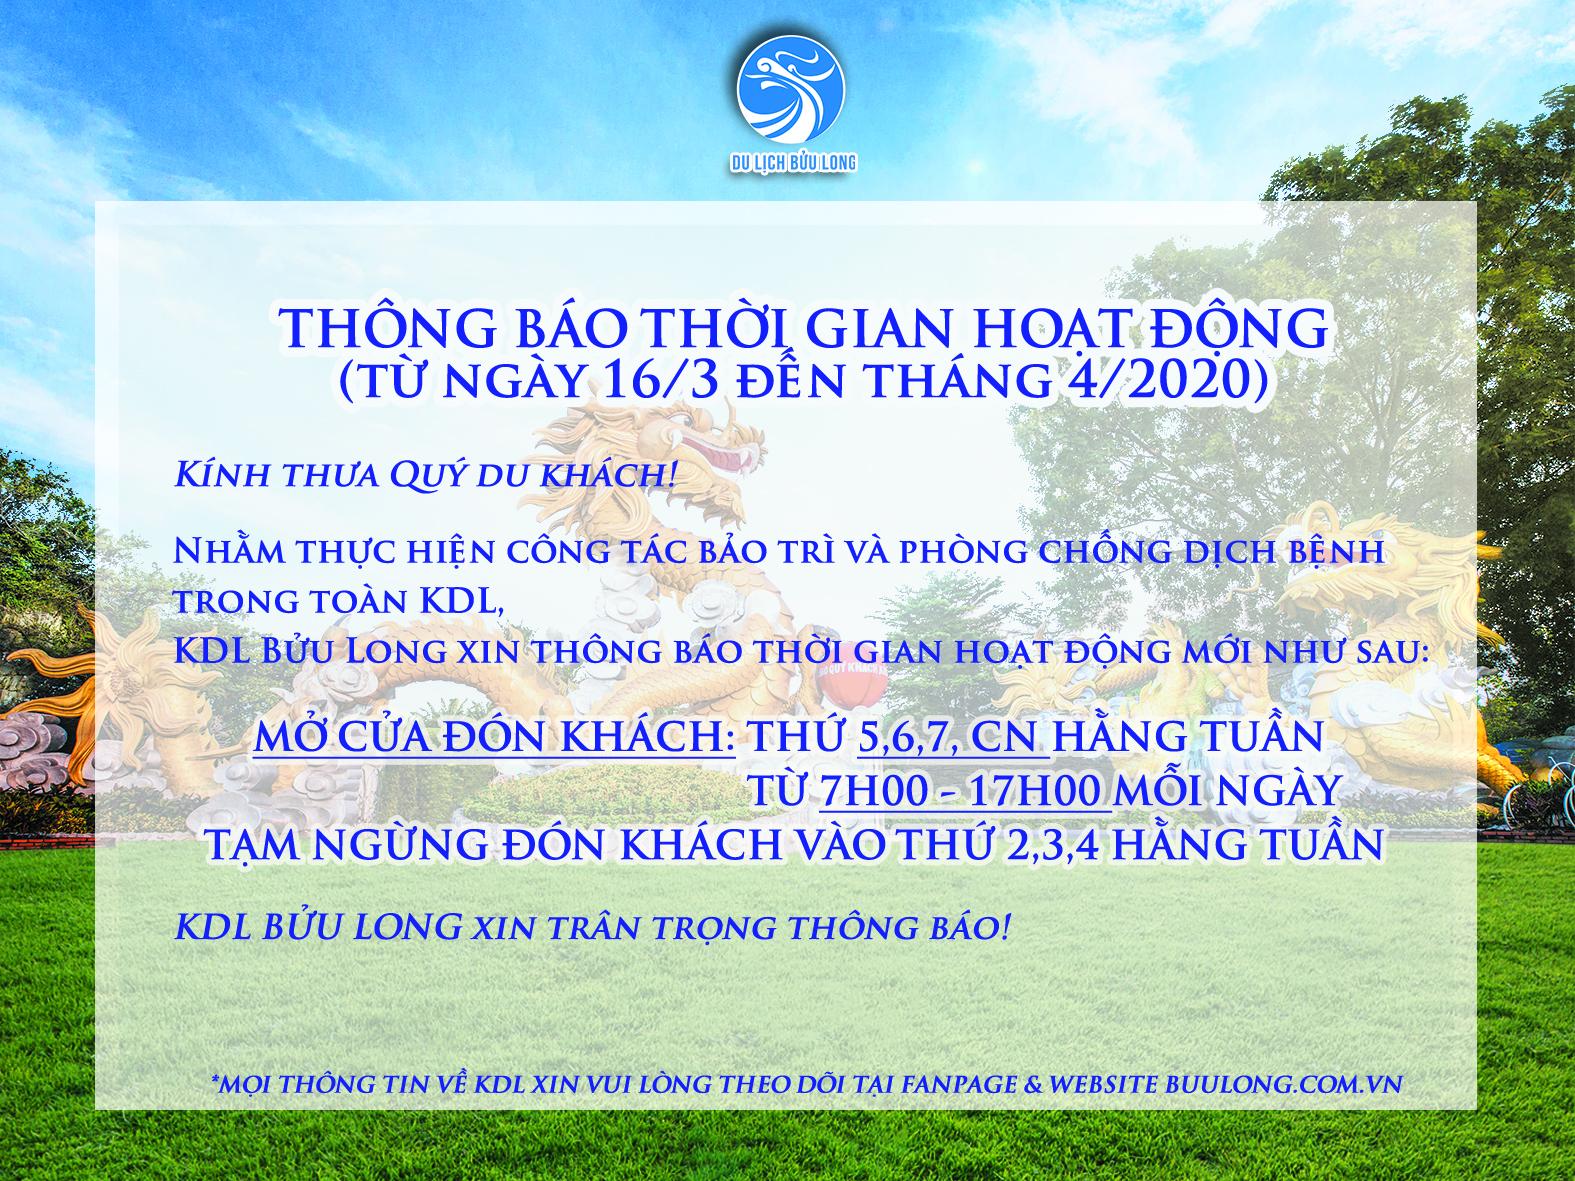 THÔNG BÁO THỜI GIAN HOẠT ĐỘNG TẠI KDL BỬU LONG (TỪ NGÀY 16/03 ĐẾN THÁNG 4/2020)